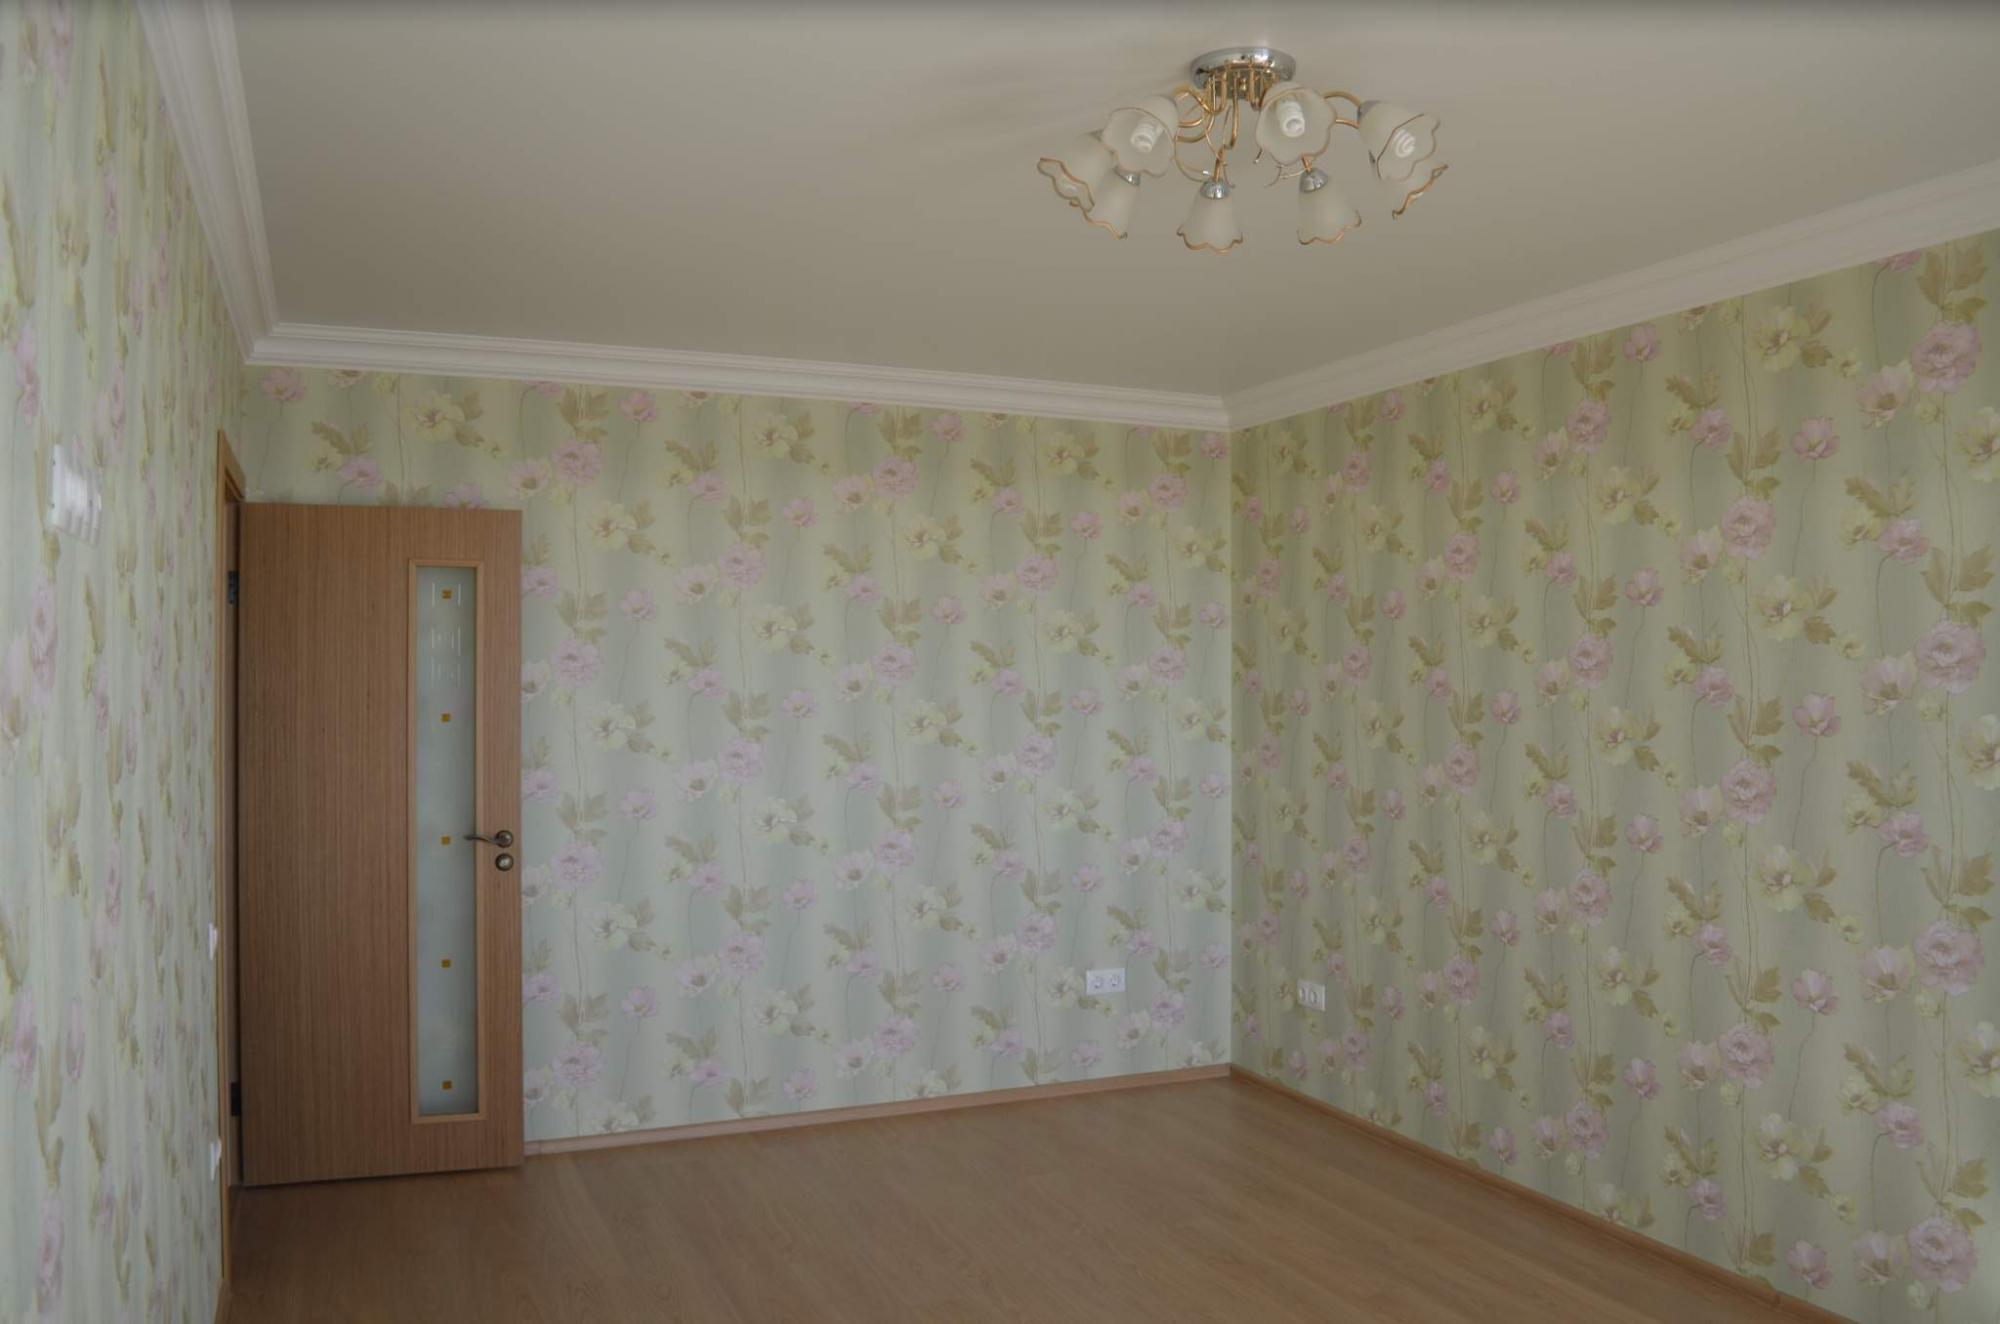 Квартира, 2 комнаты, 64 м² в Московском 89269179500 купить 9